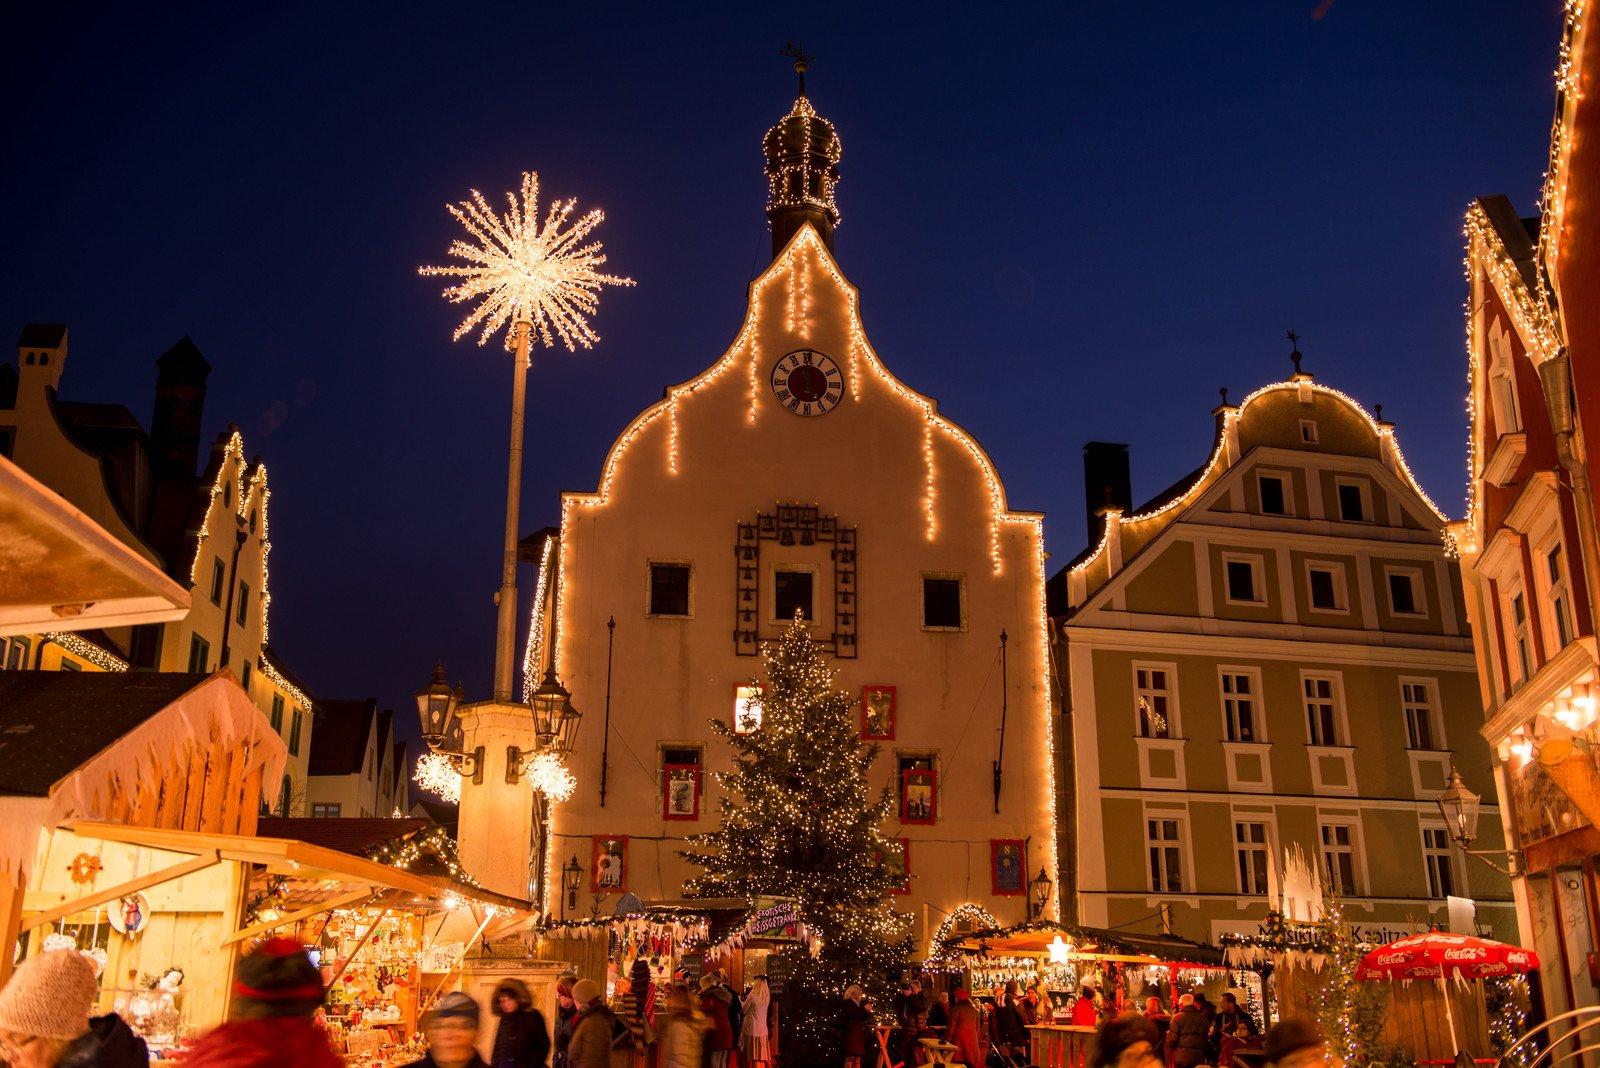 Weihnachtsmarkt Abensberg